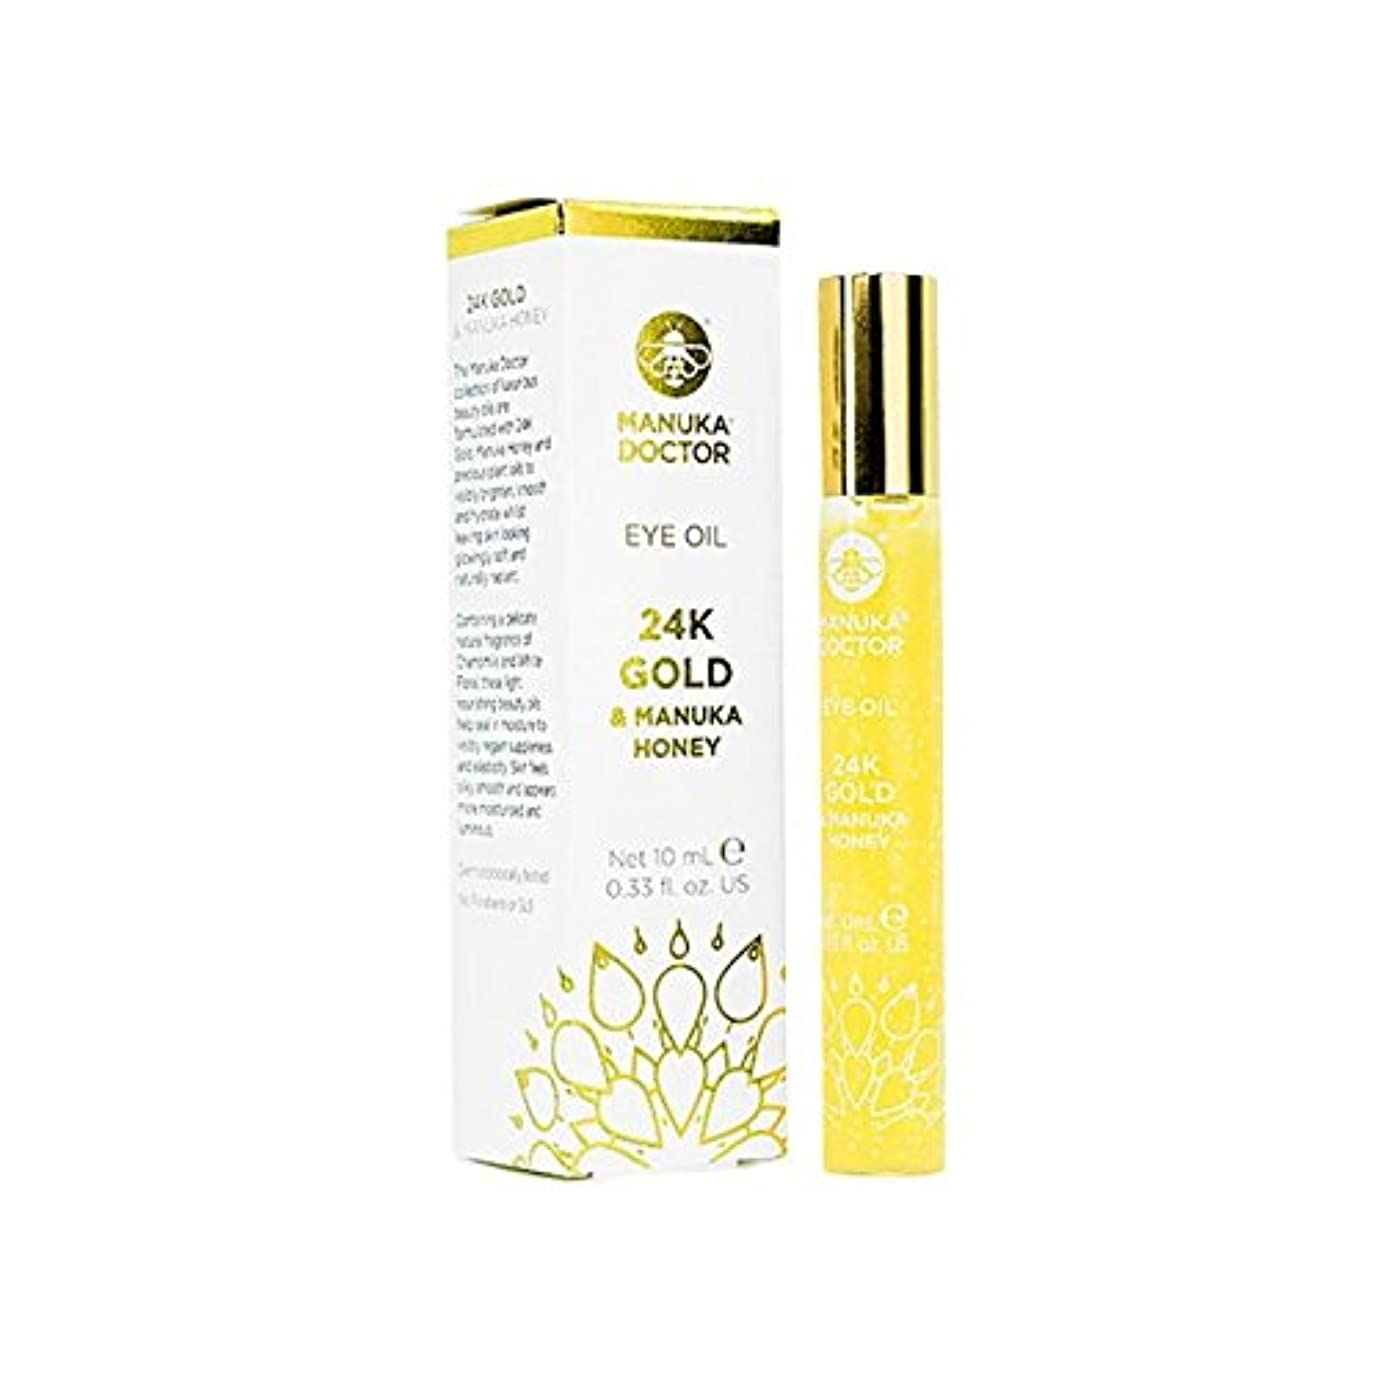 費やすペン可塑性マヌカドクター 24Kゴールド&マヌカハニーアイオイル10ml 24k Gold & Manuka Eye Oil